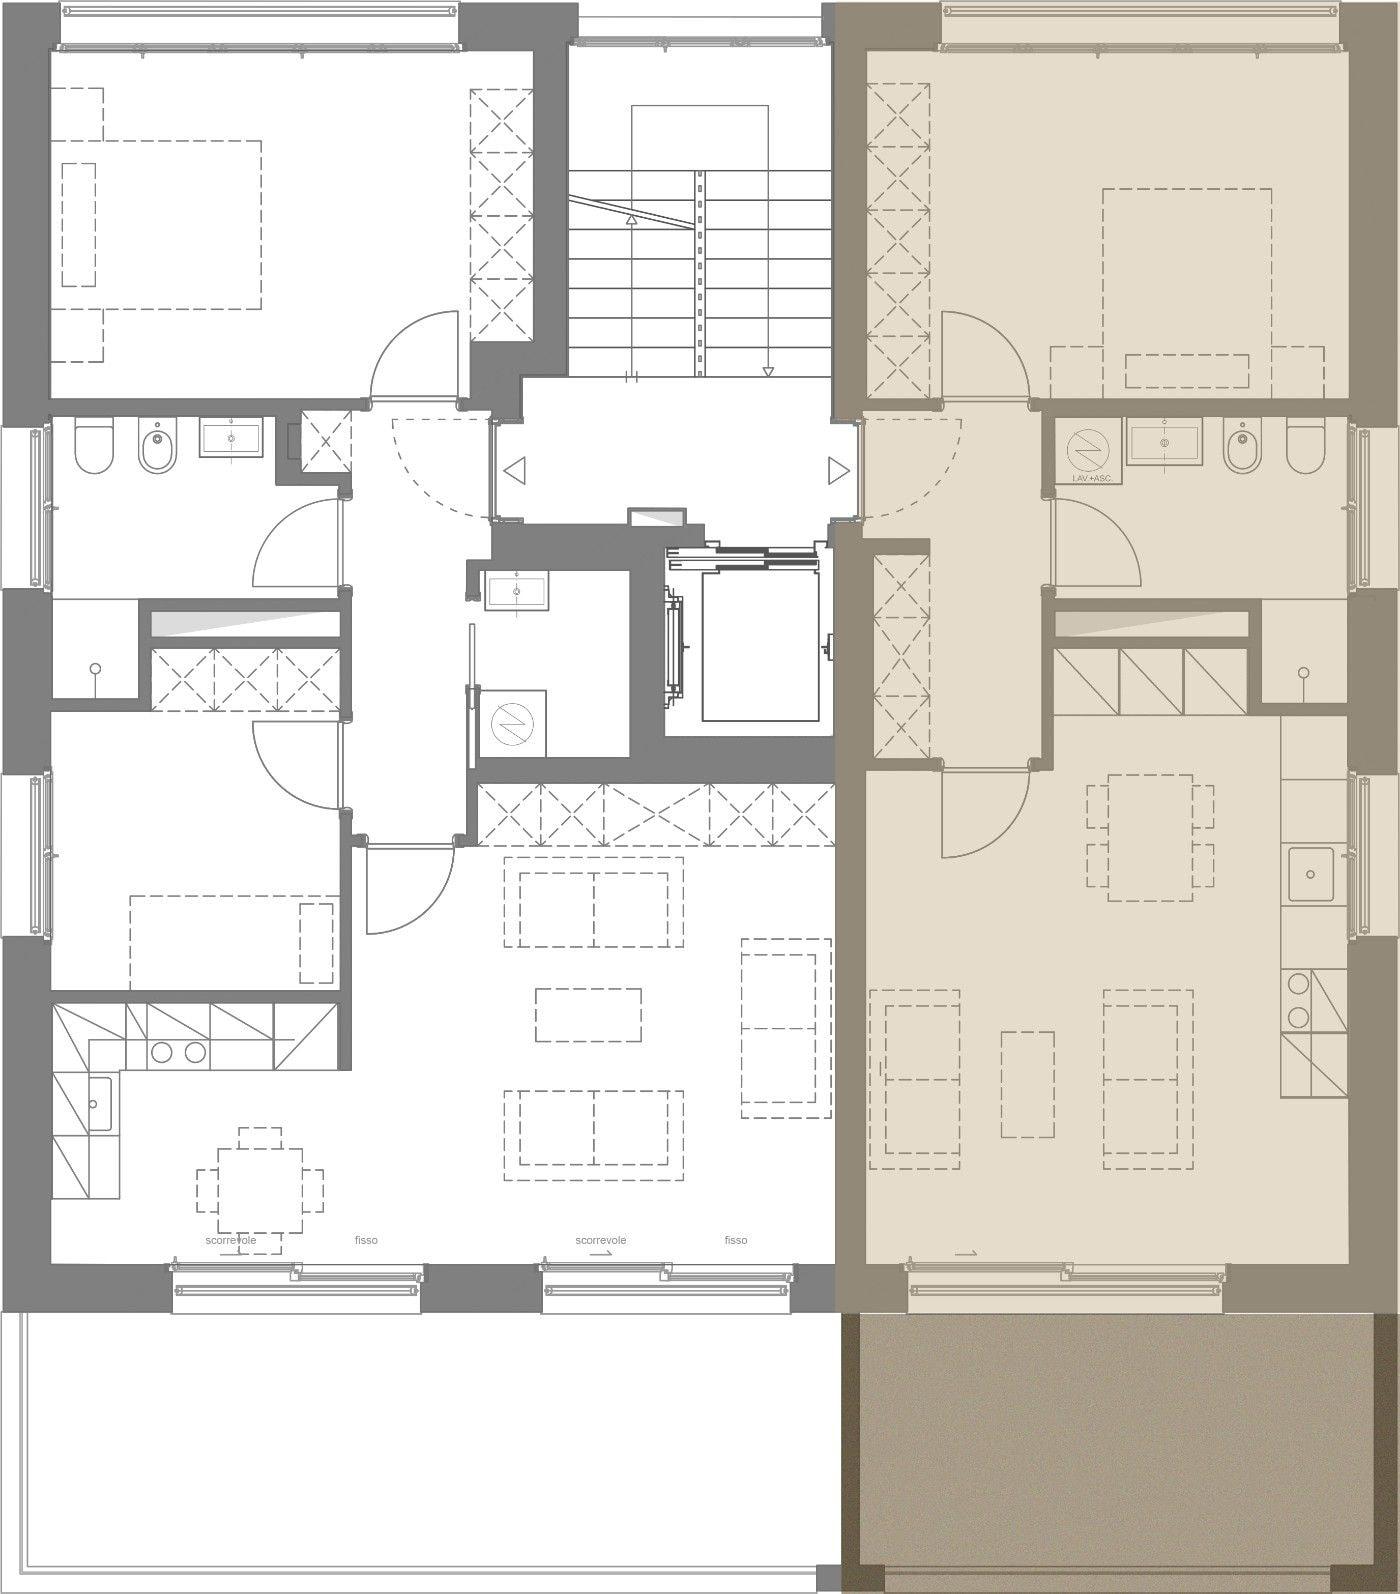 residenze4torri-piantina-Tip B.jpg